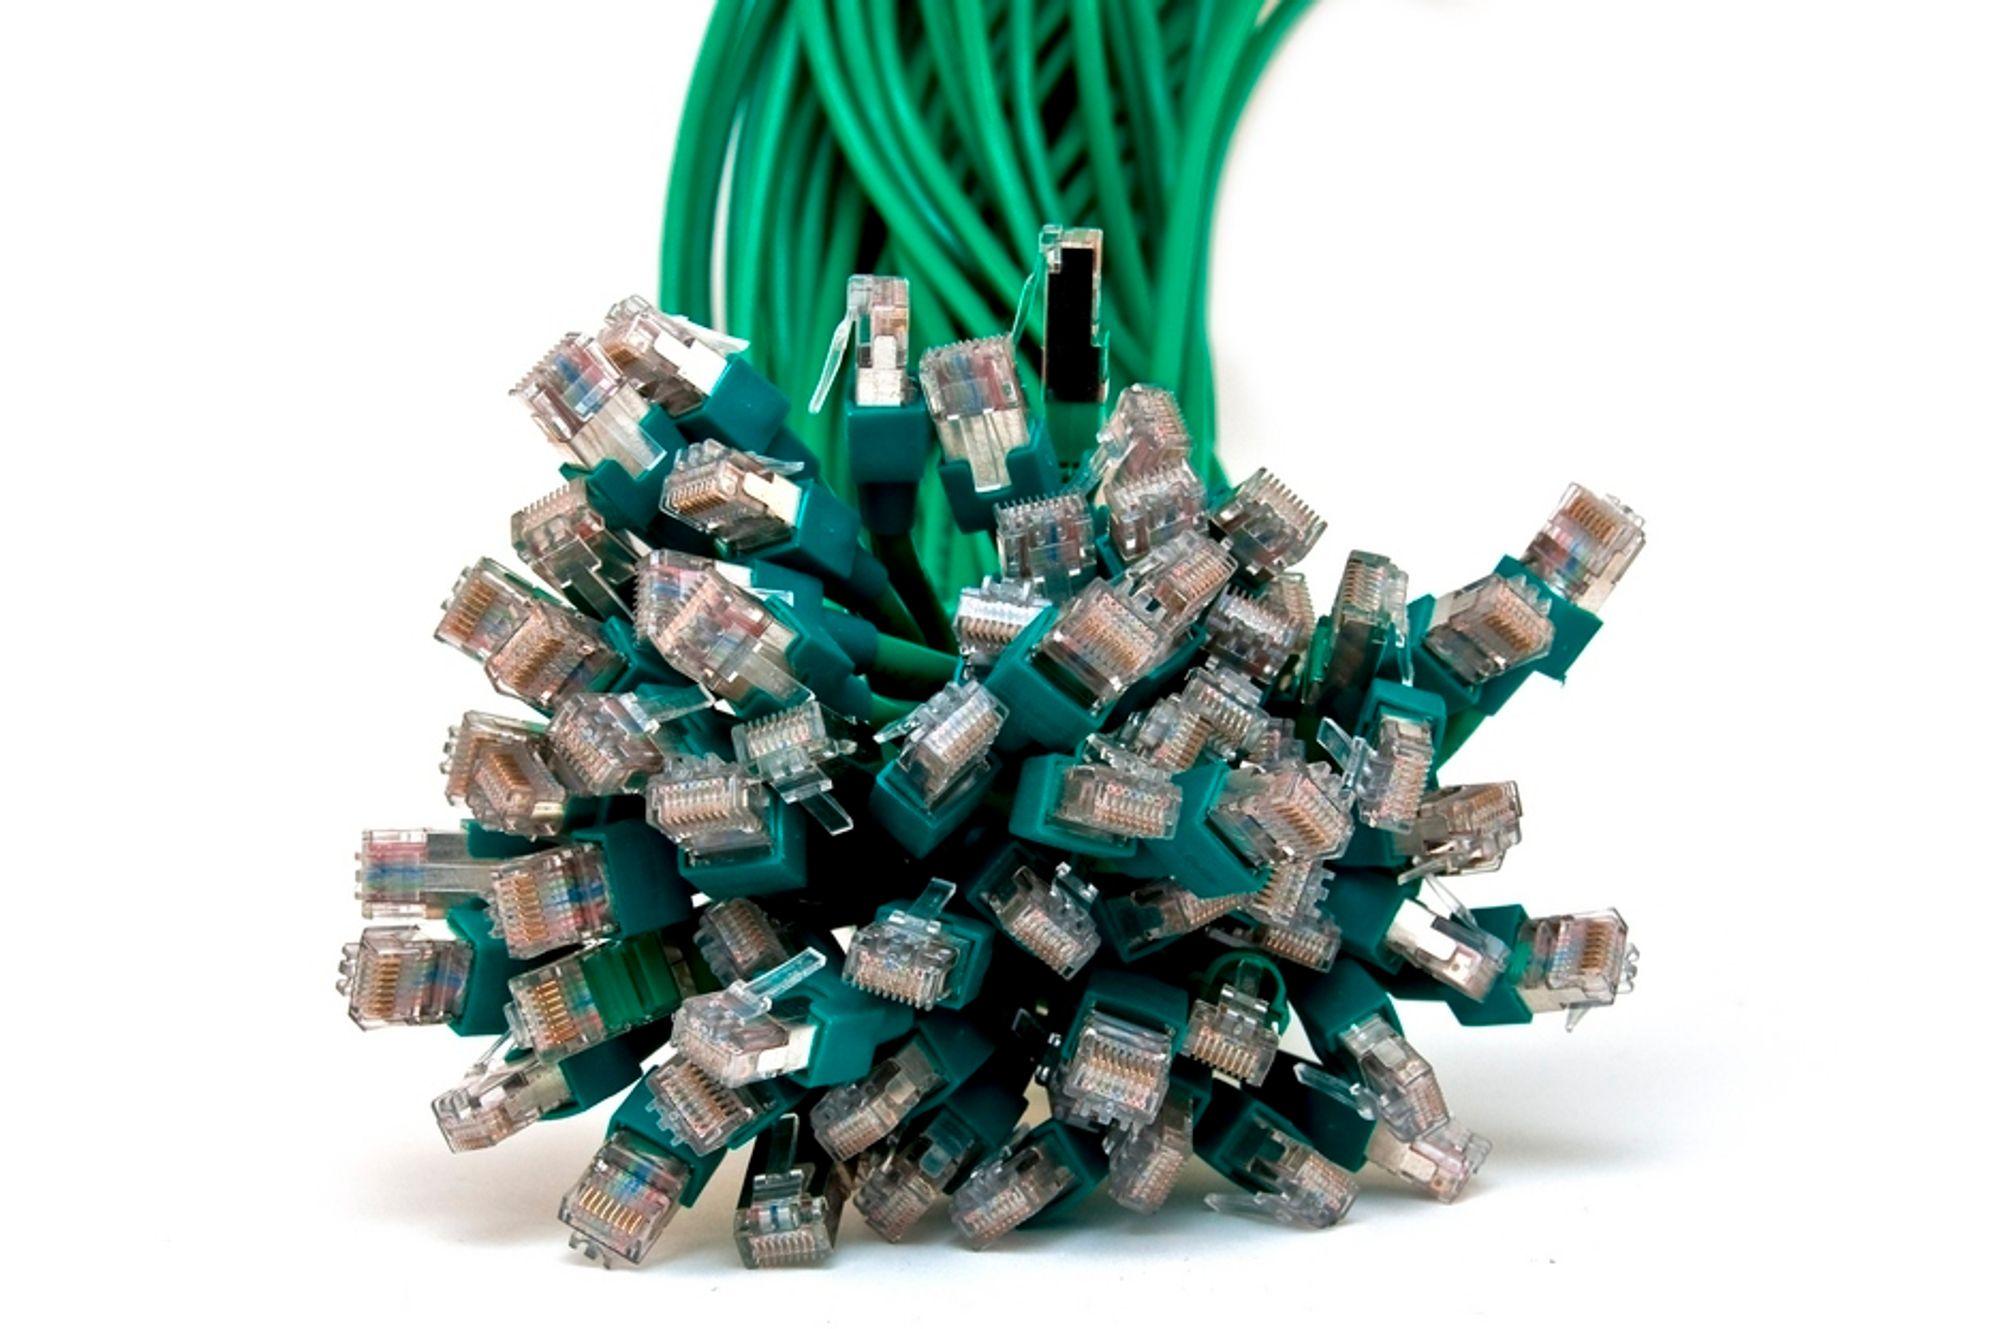 BORT: Vi satser på bredbånd og dropper fasttelefon på kobberlinje. Ikke siden 1980 har antallet tradisjonelle abonnement vært lavere.